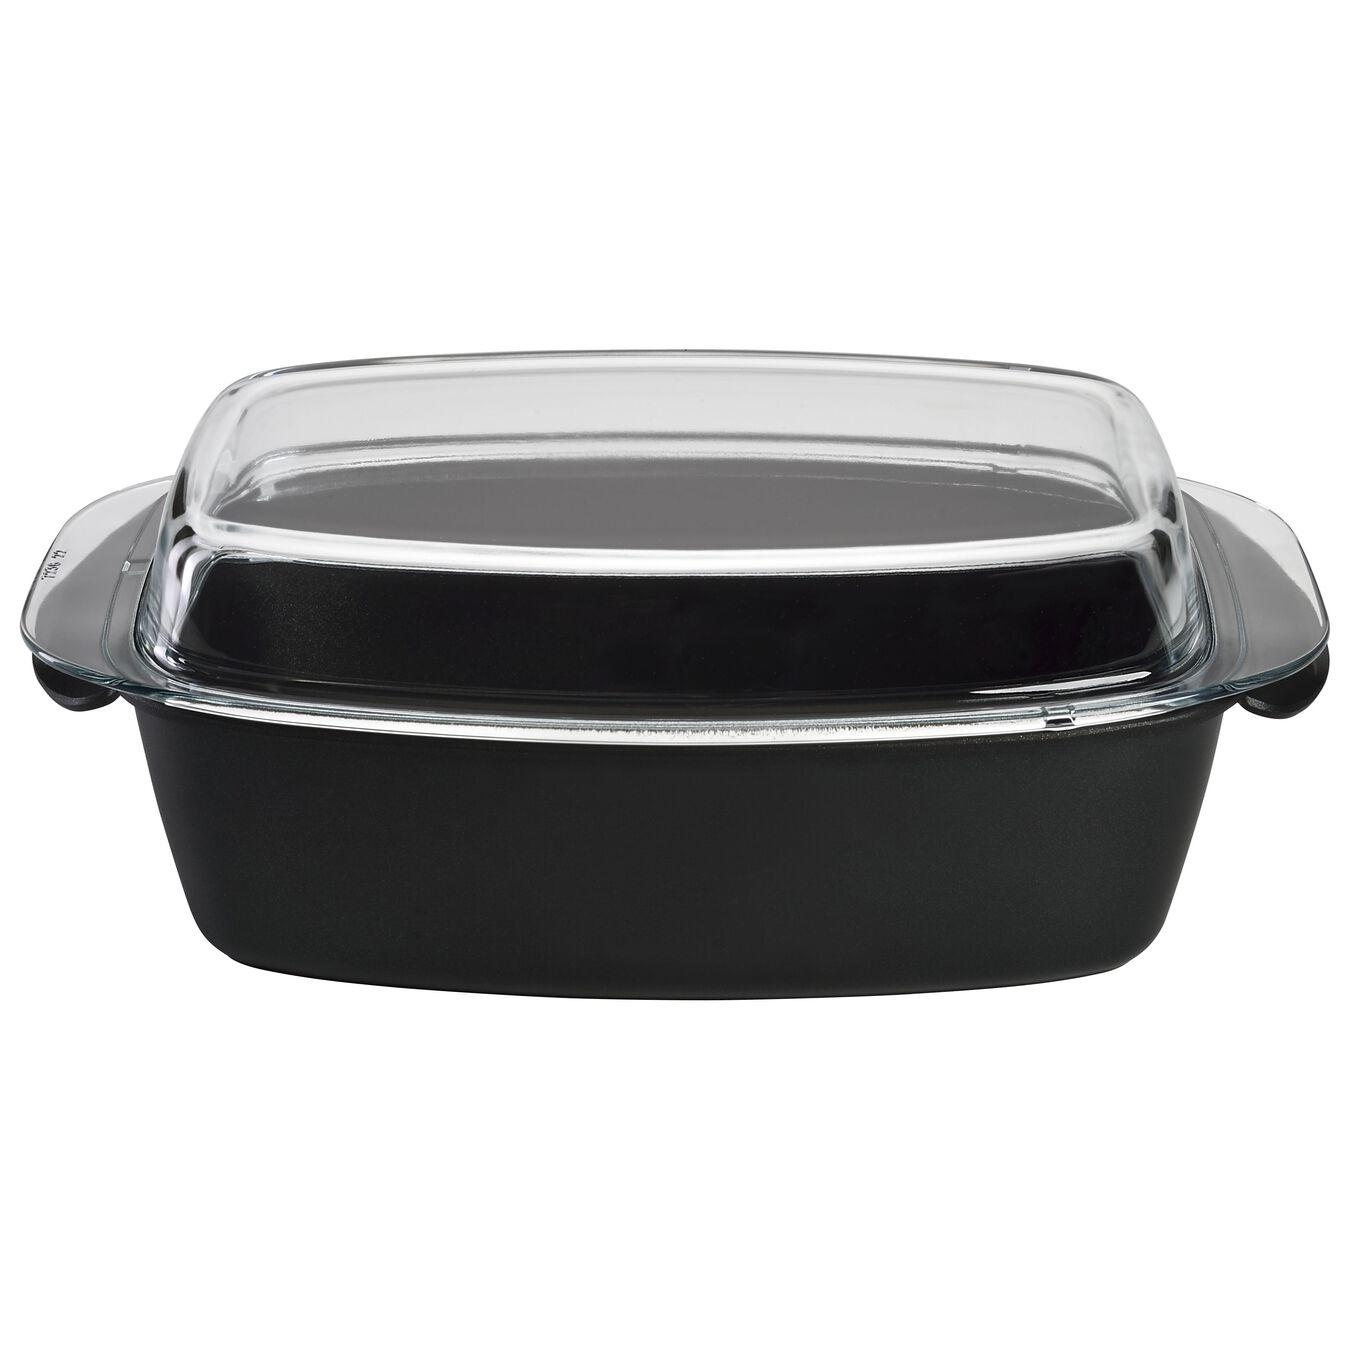 Cocotte con coperchio di vetro - 32 cm, nero,,large 1